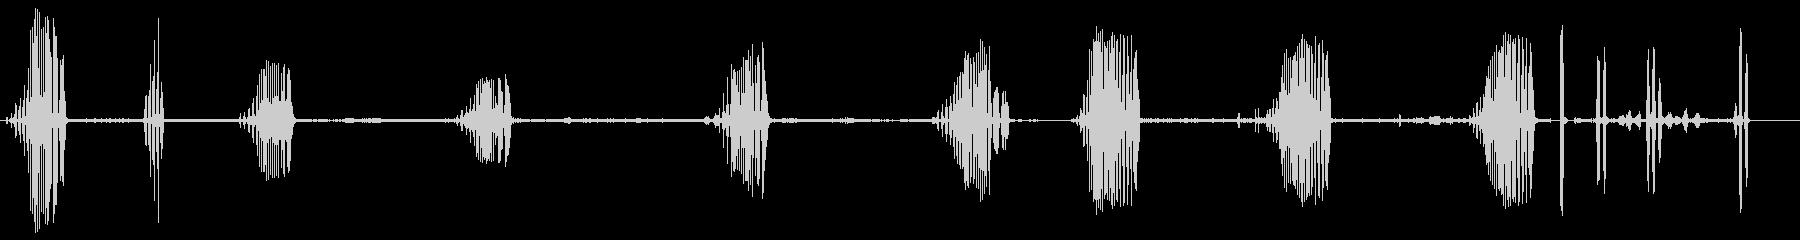 コモンフィンチ-ピンサコムの未再生の波形